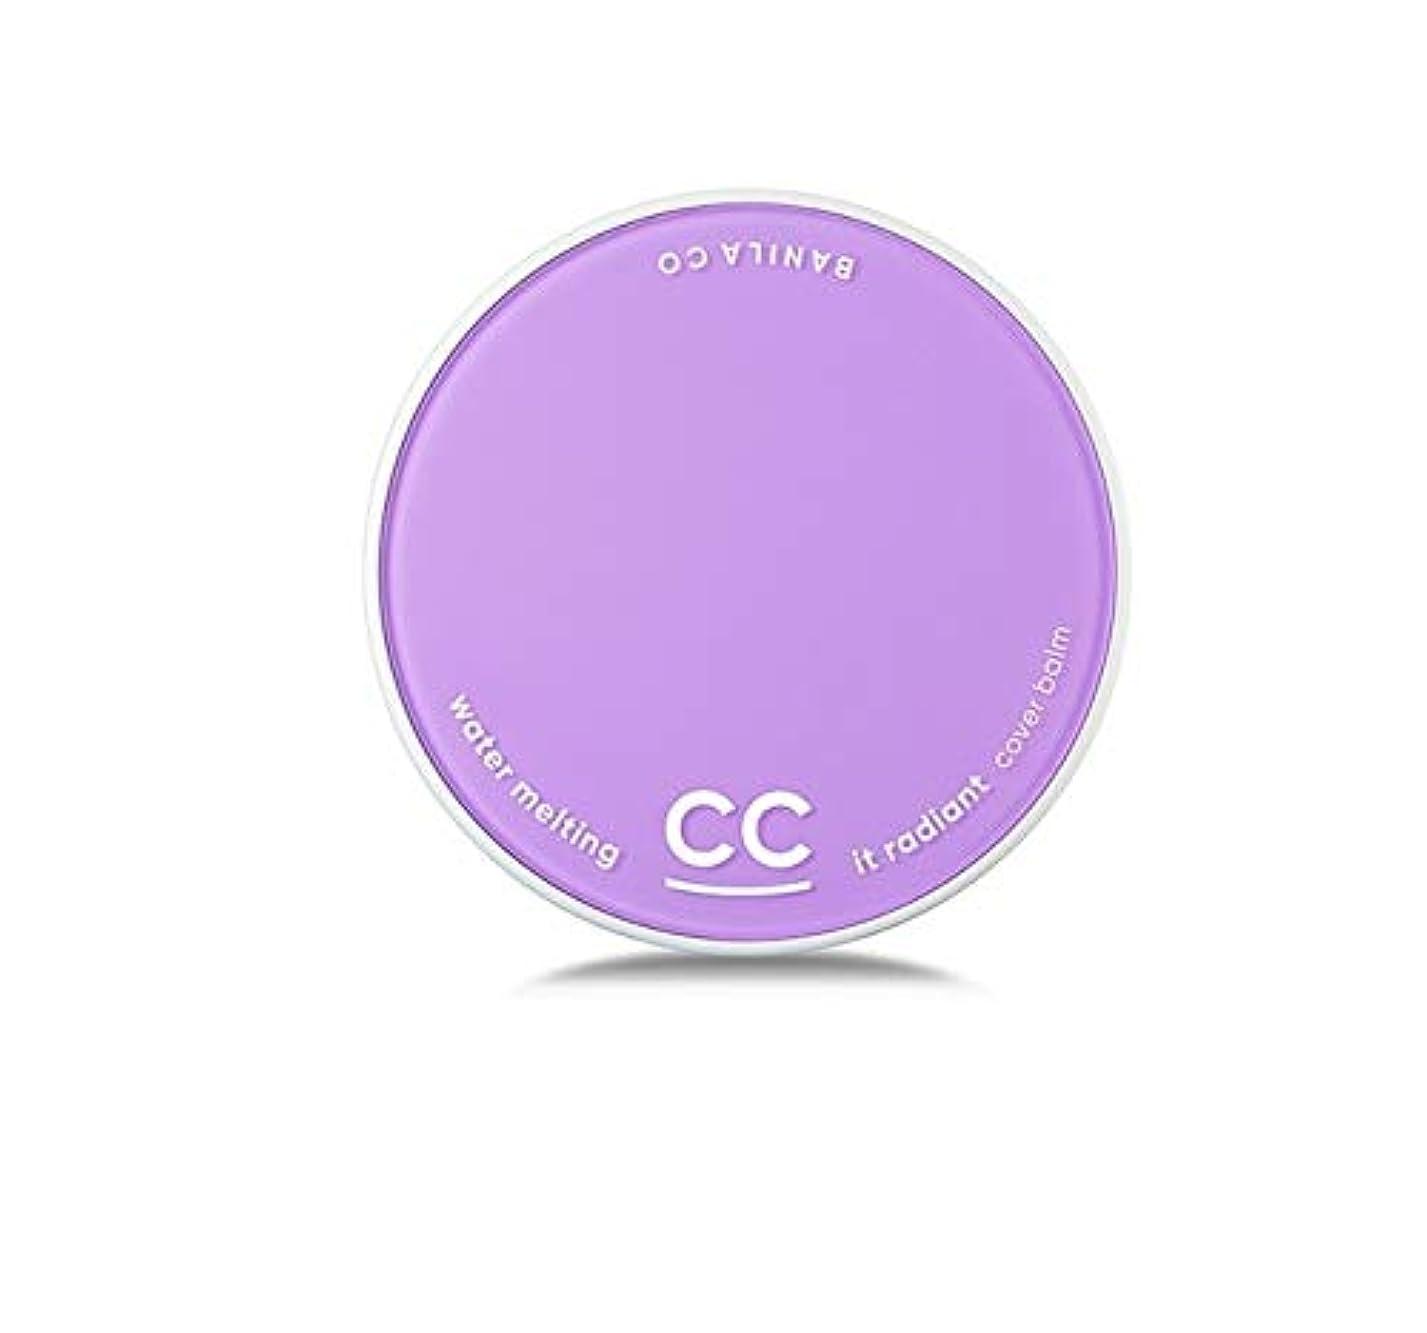 分離する交換シリンダーbanilaco イットラディアントCCエッセンスカバーバーム/It Radiant CC Essence Cover Balm 15g # Light Beige [並行輸入品]